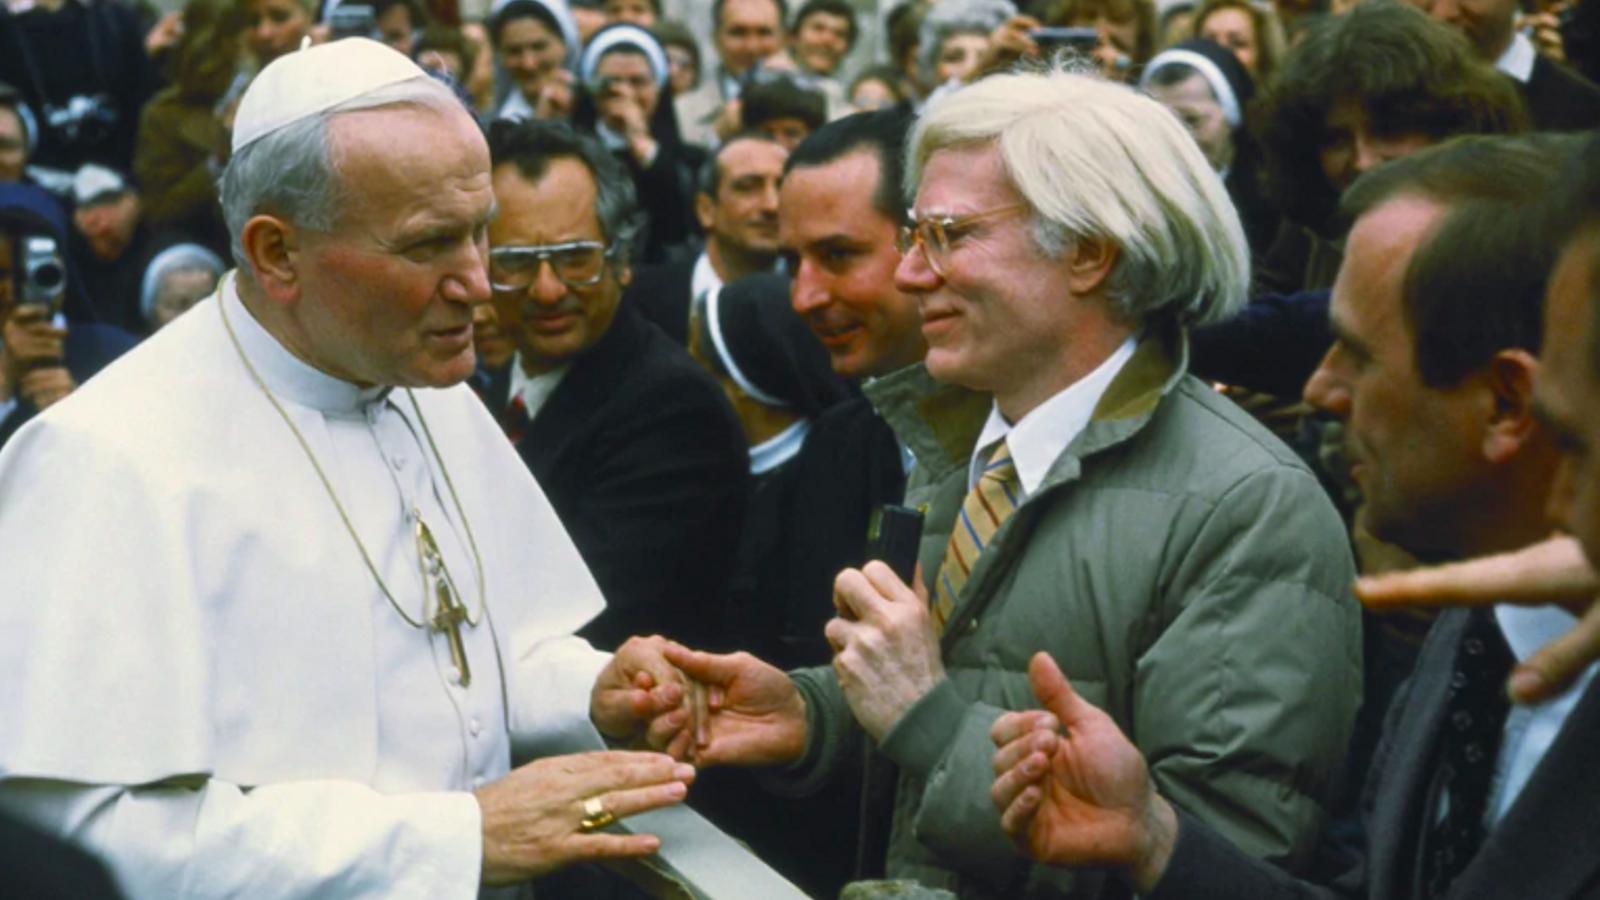 El papa Joan Pau II va saludar Andy Warhol al Vaticà, el 1980